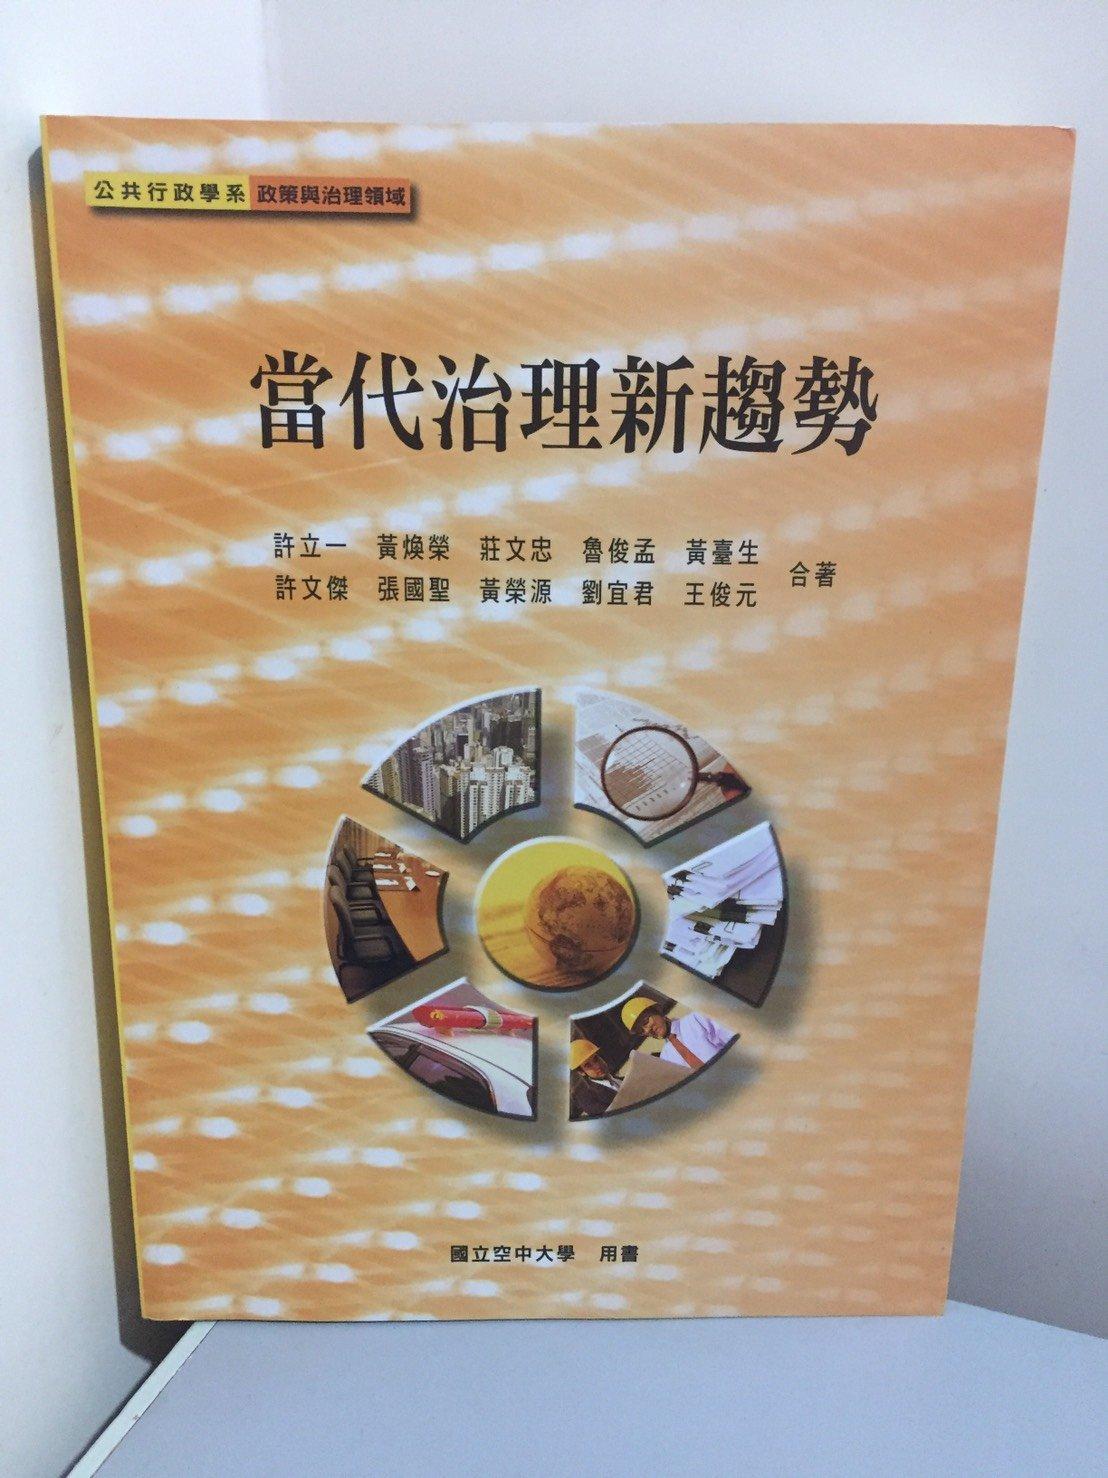 F3-9《好書321KB》國立空中大學教科書 當代治理新趨勢+理論與個案兩本合售公共行政學系 行政與管理領域/大專用書